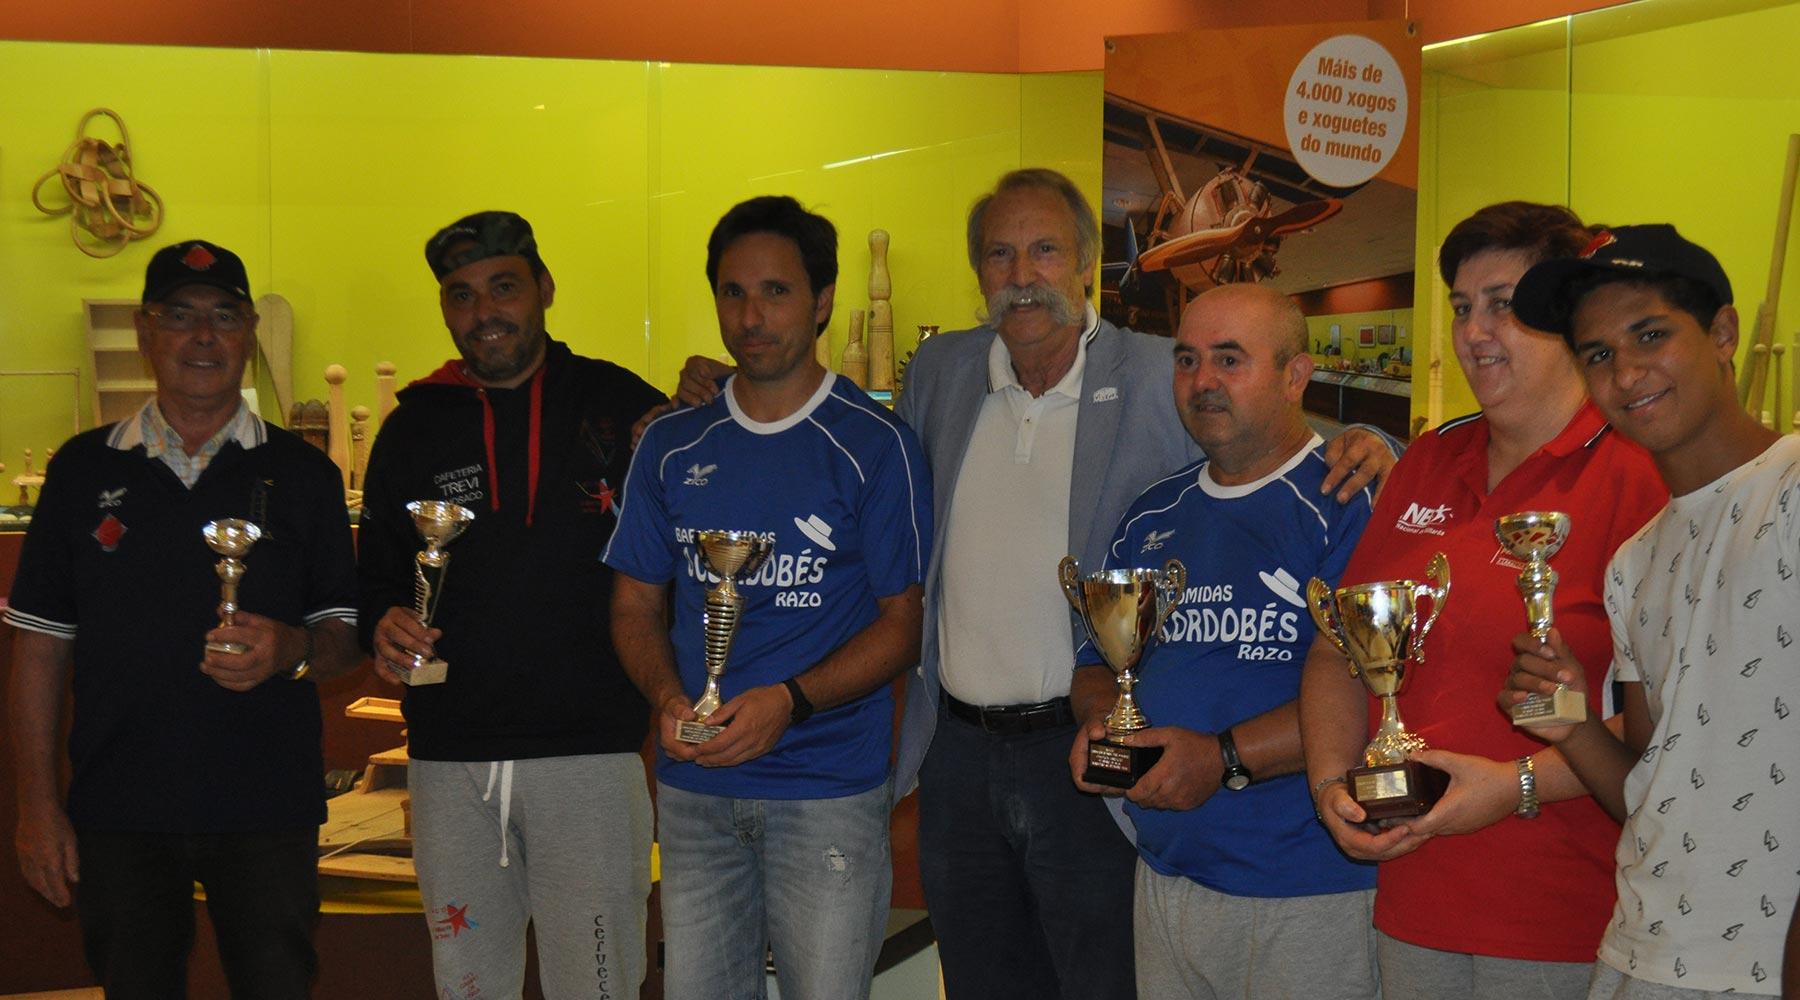 Gañadores do torneo de billa de Ponteceso